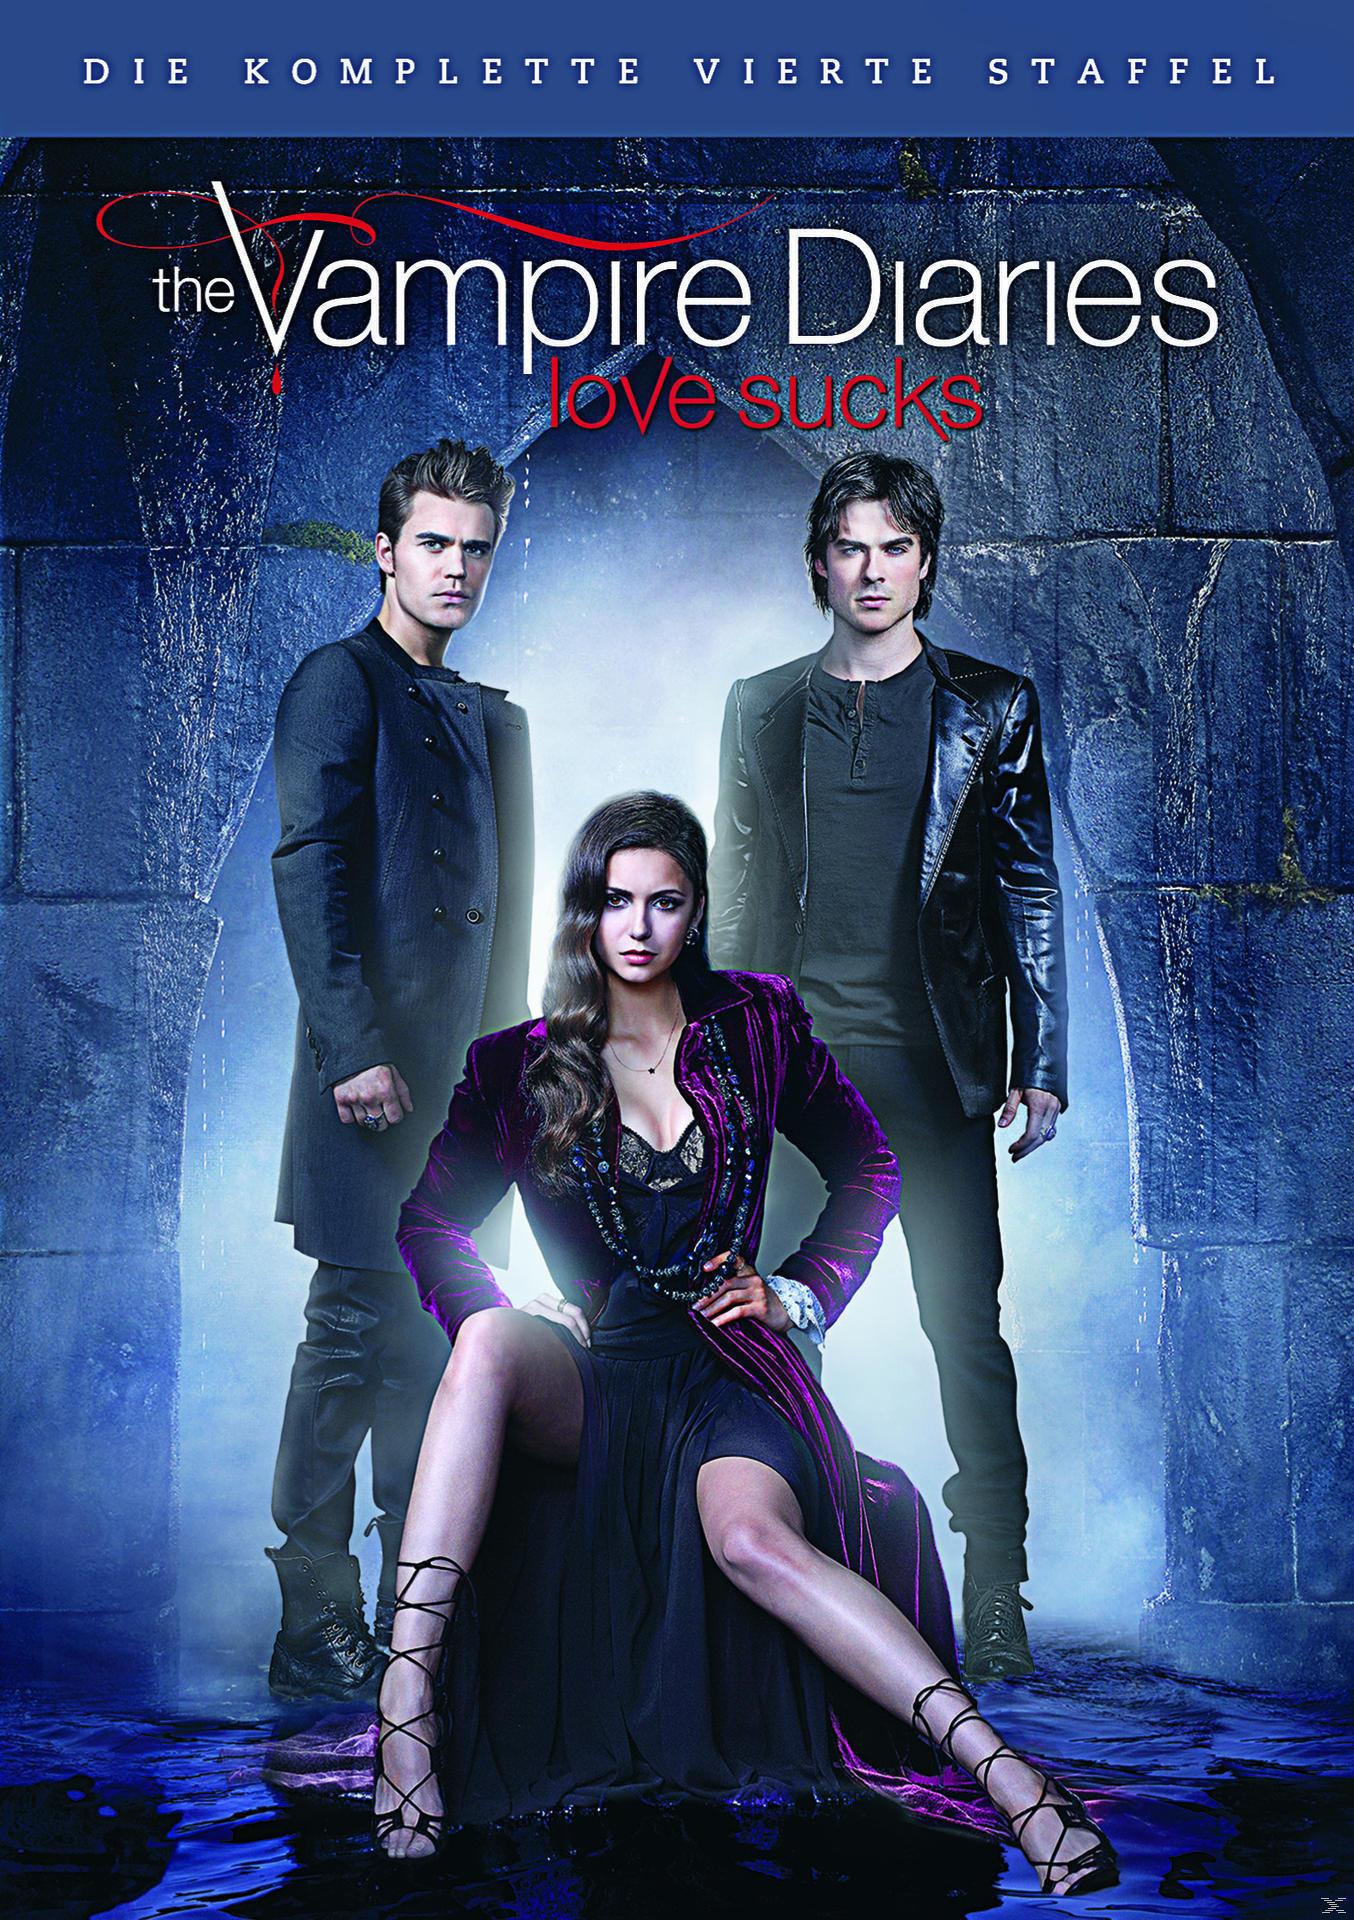 The Vampire Diaries - Die komplette vierte Staffel DVD-Box (DVD) für 14,99 Euro